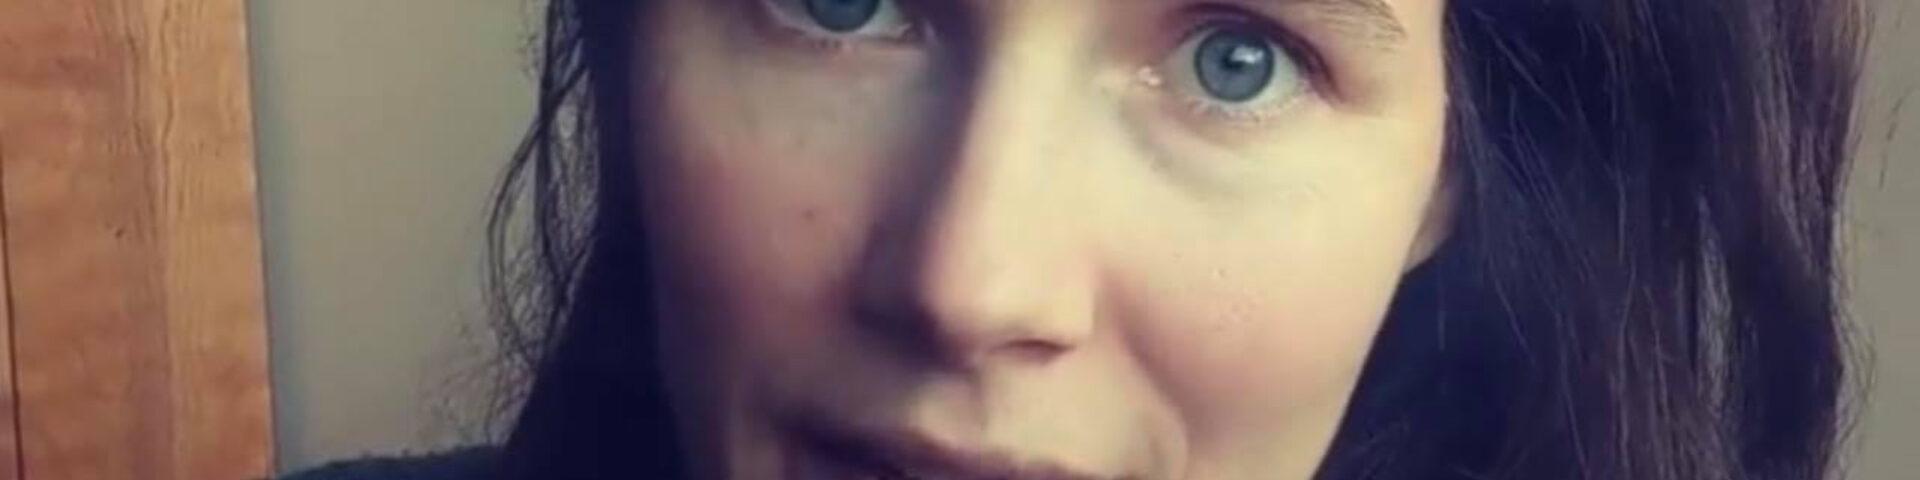 Amanda Knox, un suo tweet sull'Italia scatena il putiferio. Ecco cosa ha scritto